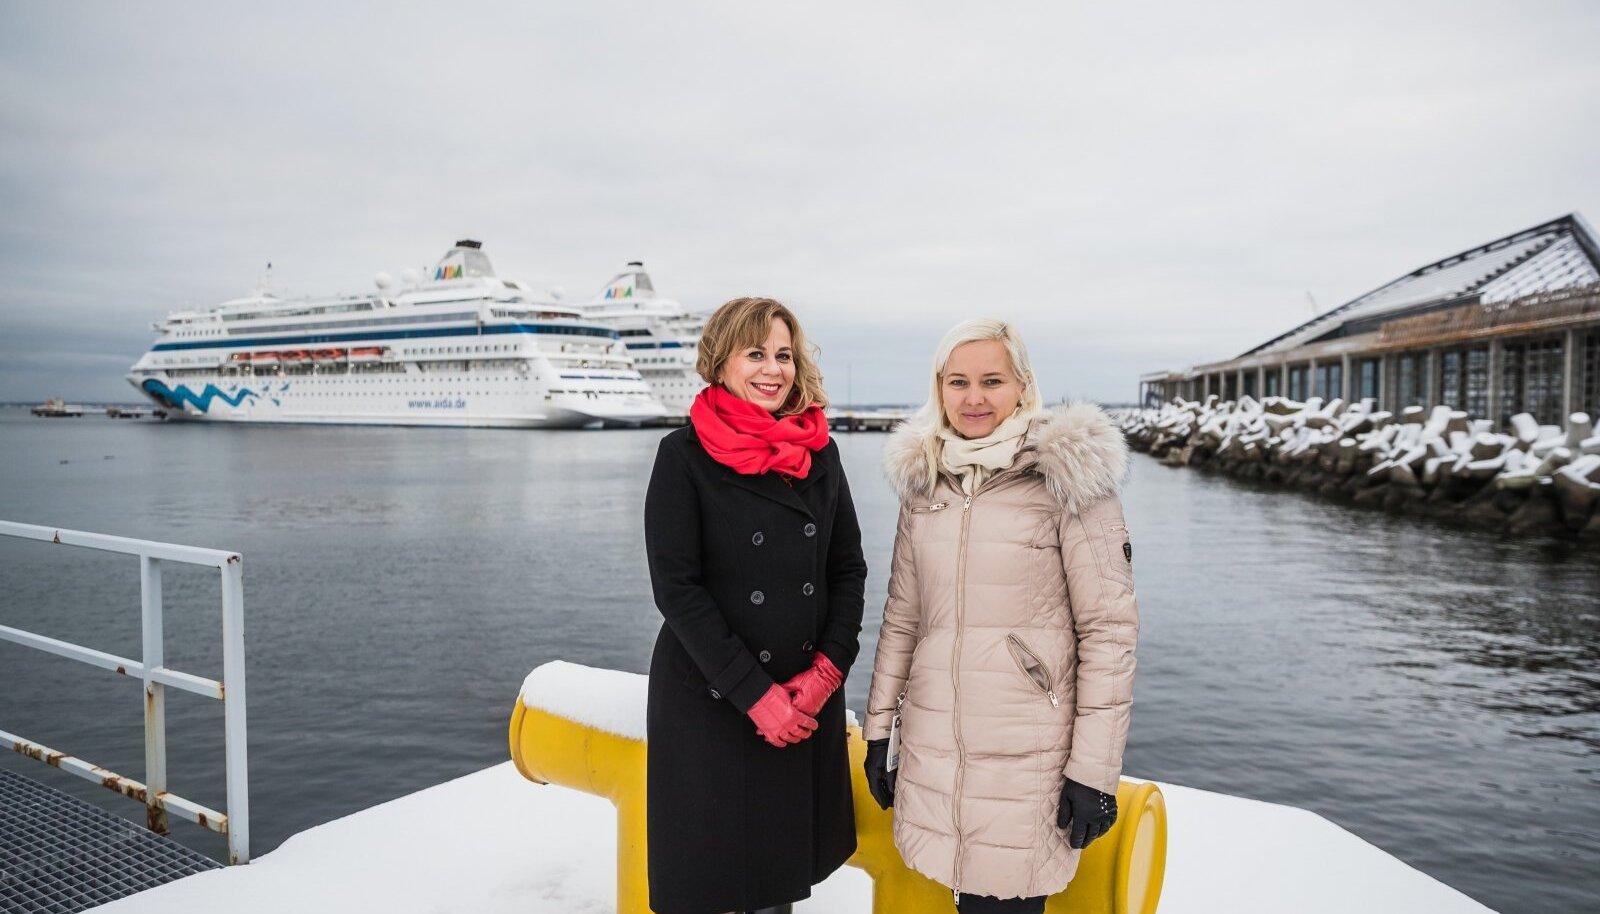 Tallinna Sadama kvaliteedi- ja keskkonnajuhtimise osakonna juhataja Ellen Kaasik ja turundus- ja kommunikatsiooniosakonna juhataja Sirle Arro tegelevad Rohetiigri programmis jäätmetega, sest ringmajandusest on Eestis palju räägitud, aga olulisi arenguid pole toimunud. Sadamast käib läbi ühe Eesti keskmise linna jagu jäätmeid ja on oluline, et need ei läheks prügimäkke või põletusse.